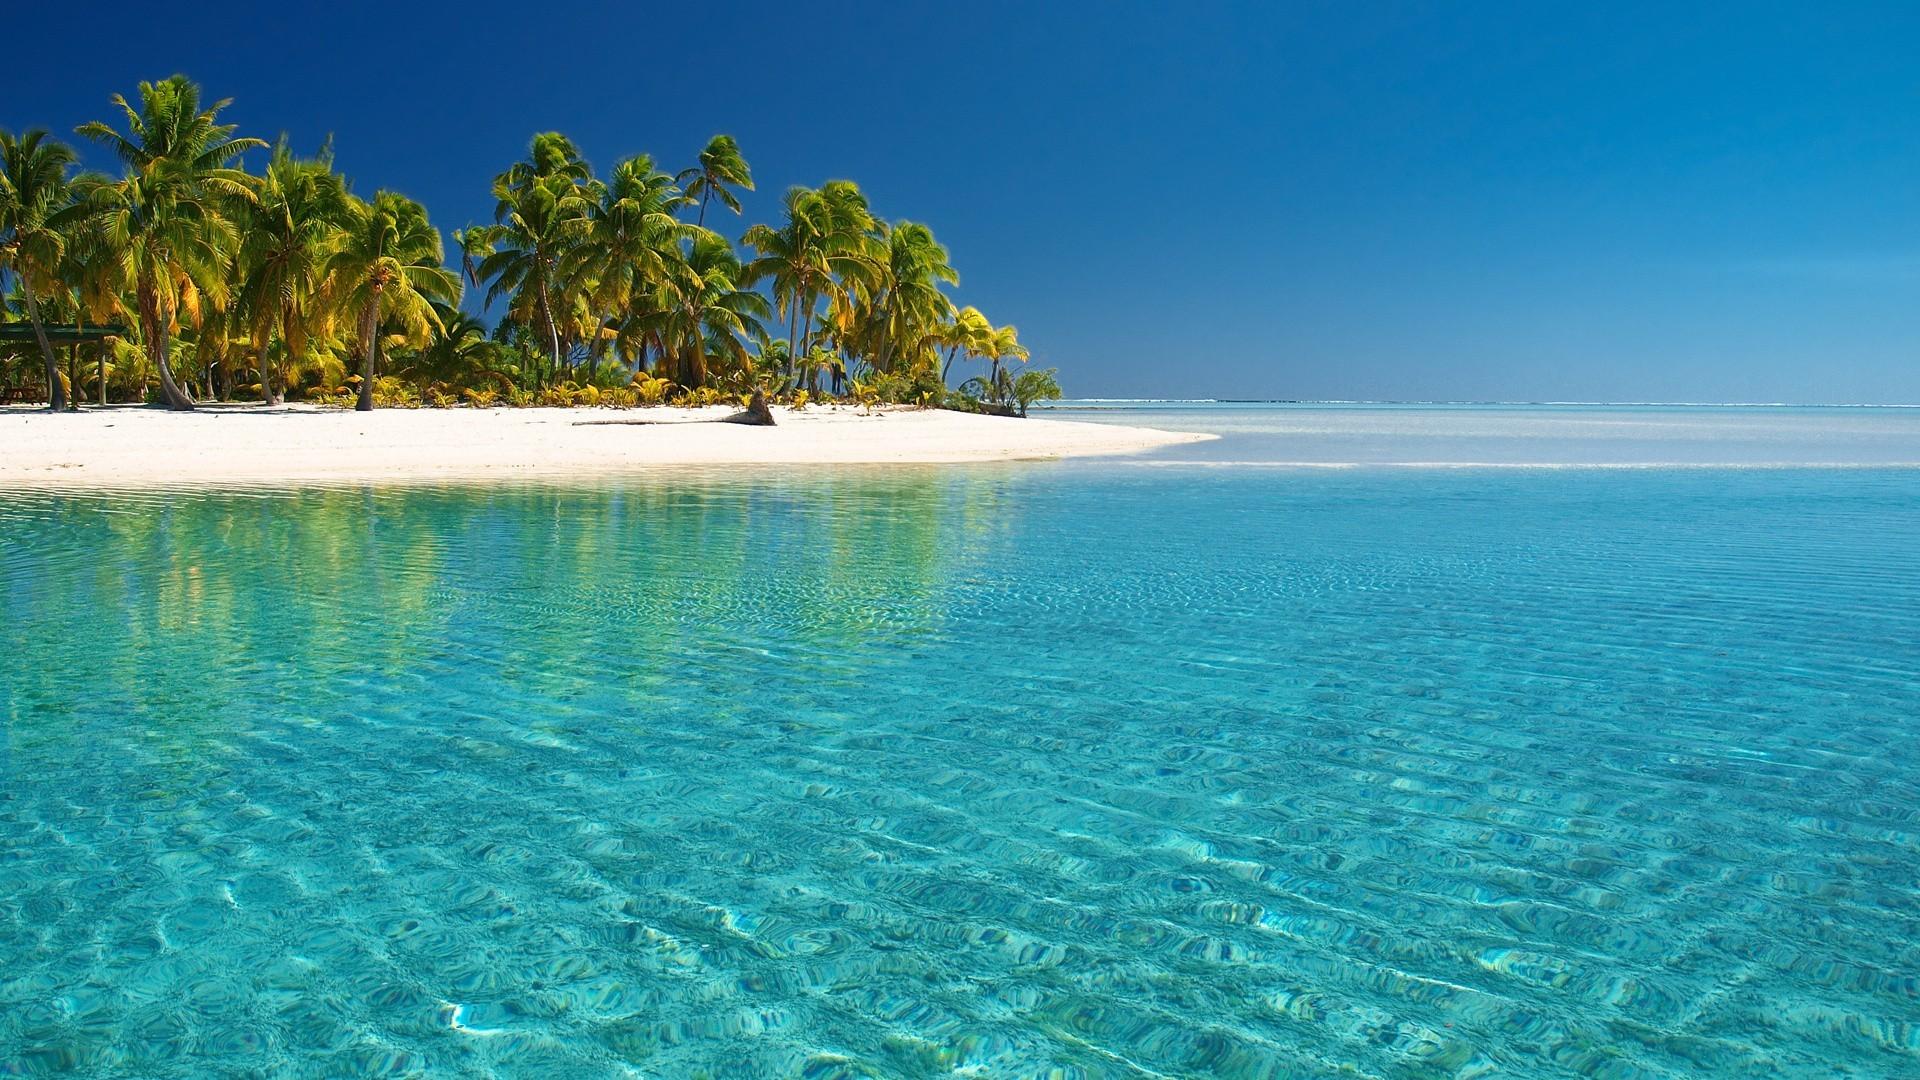 1920x1080 Summer Clearwater Beach 2013 HD Wallpaper